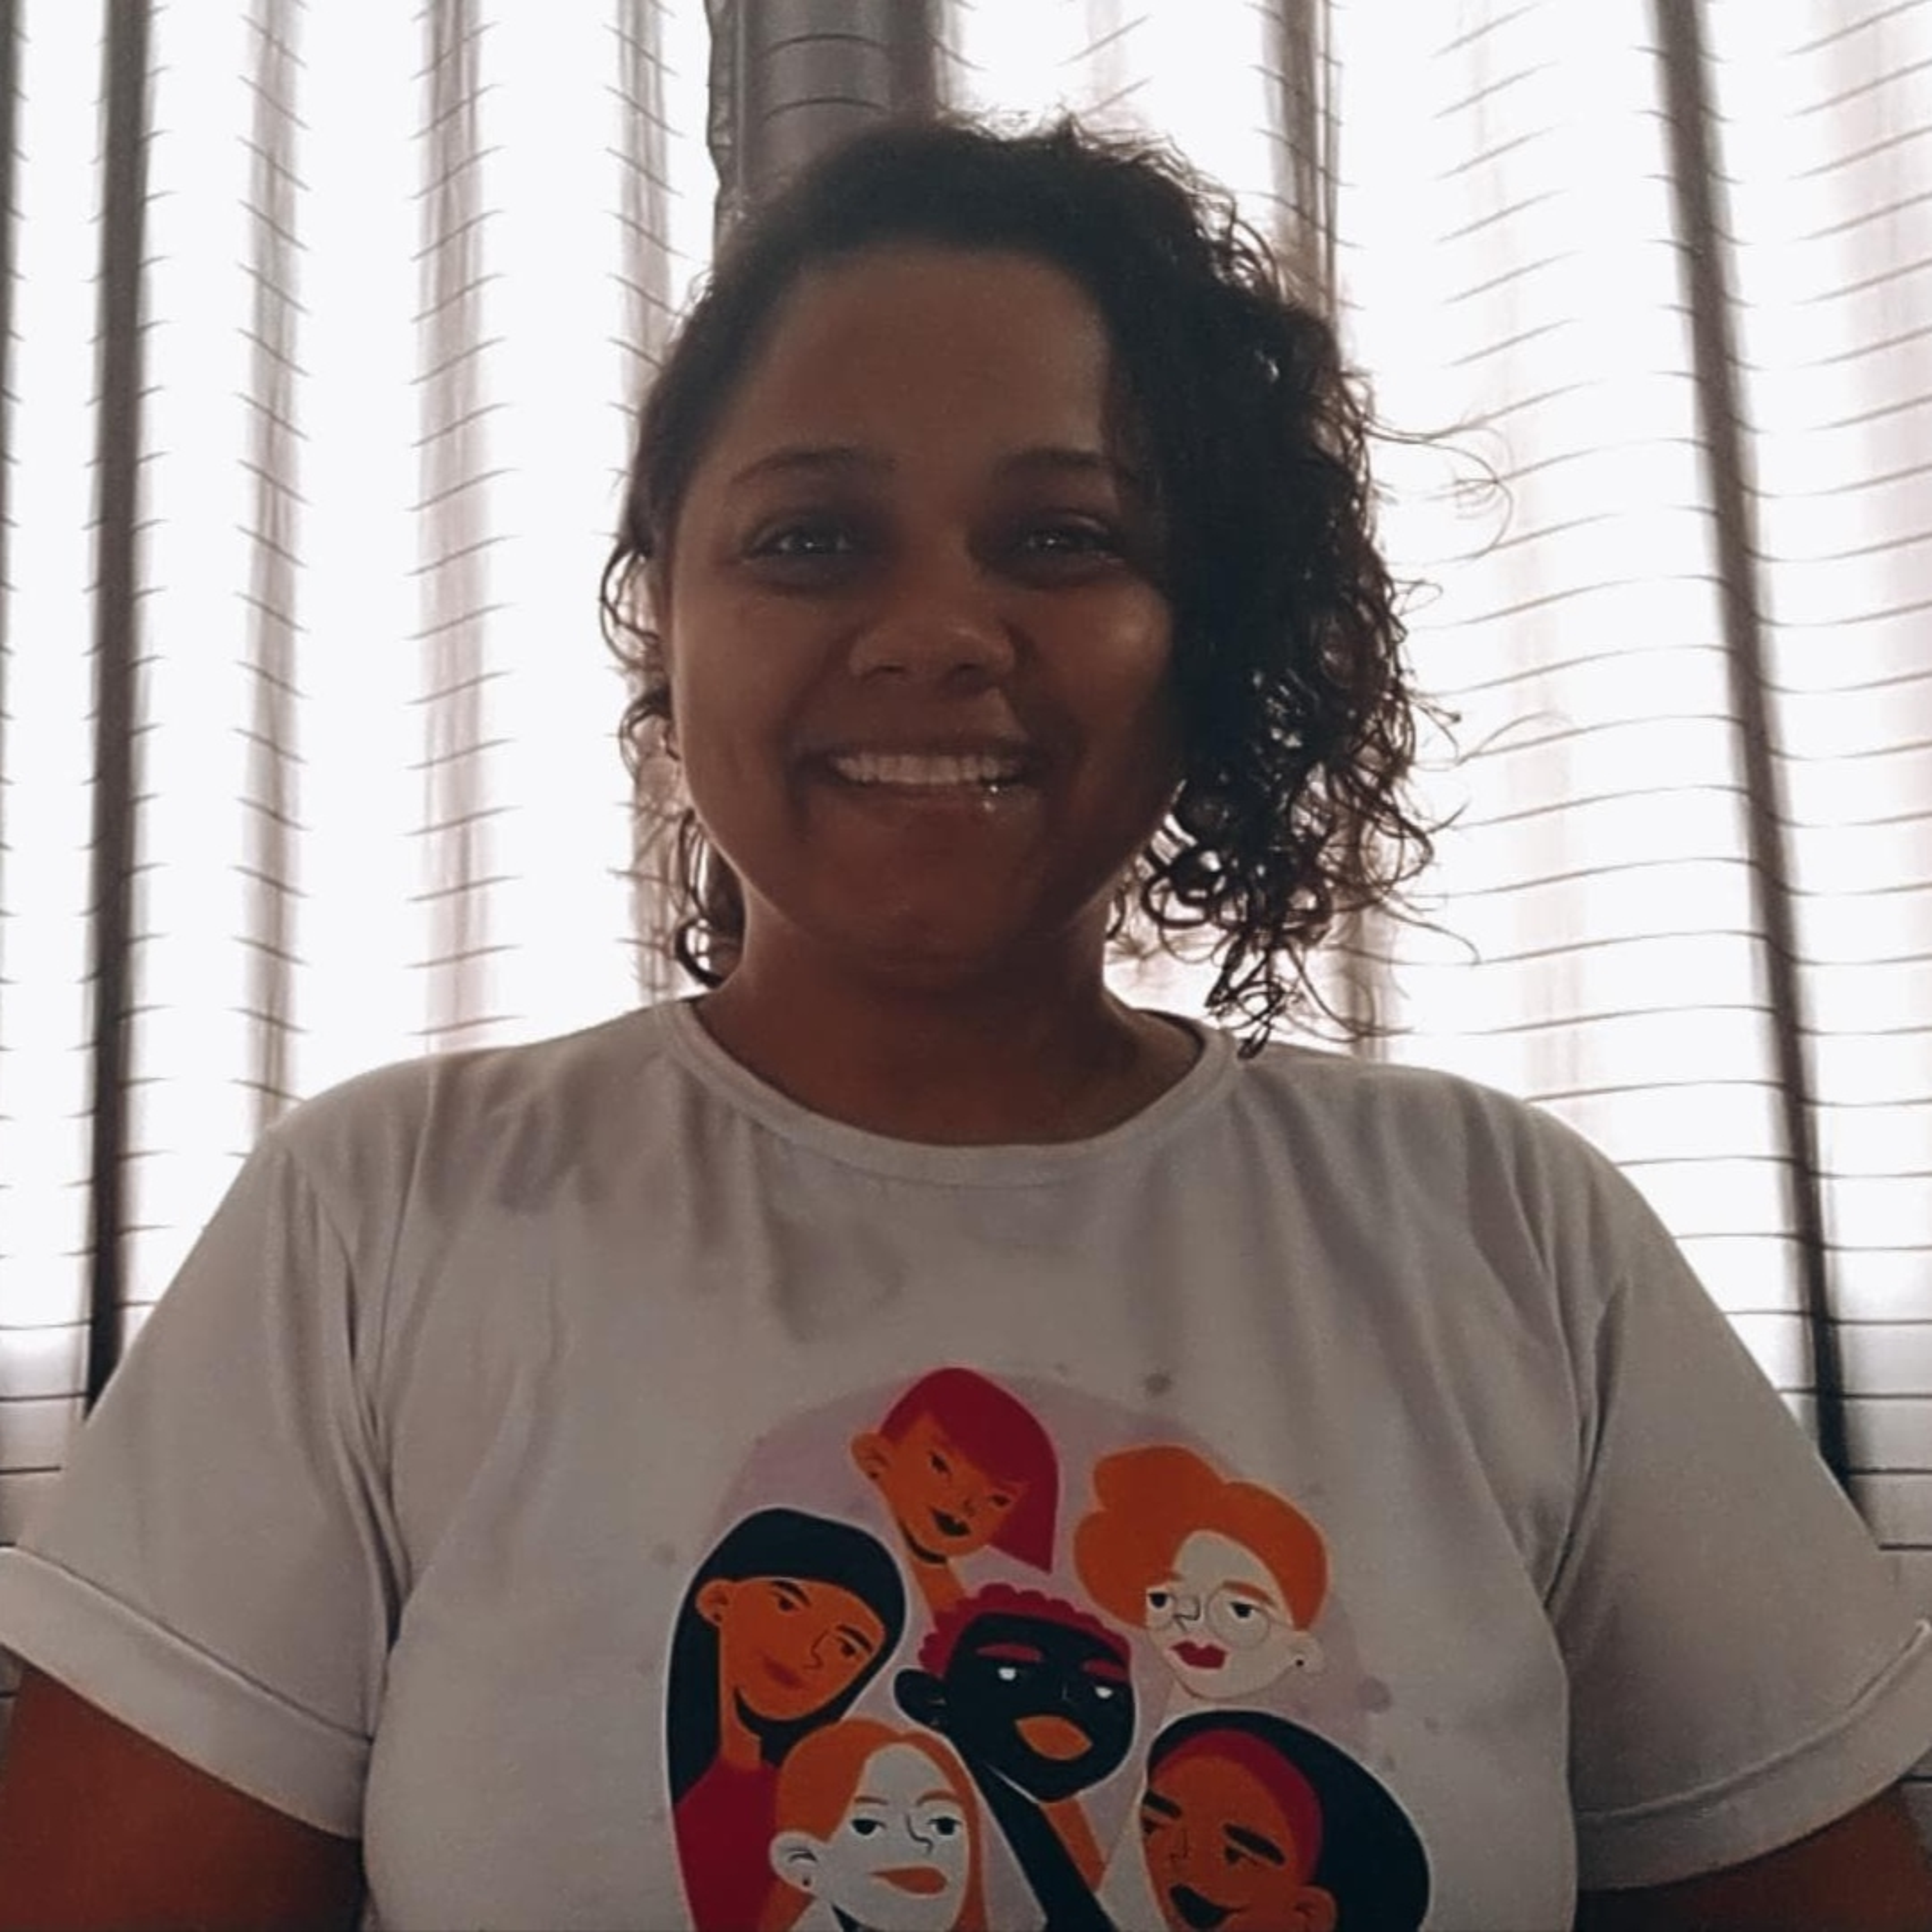 Flávia Gomes da Silva